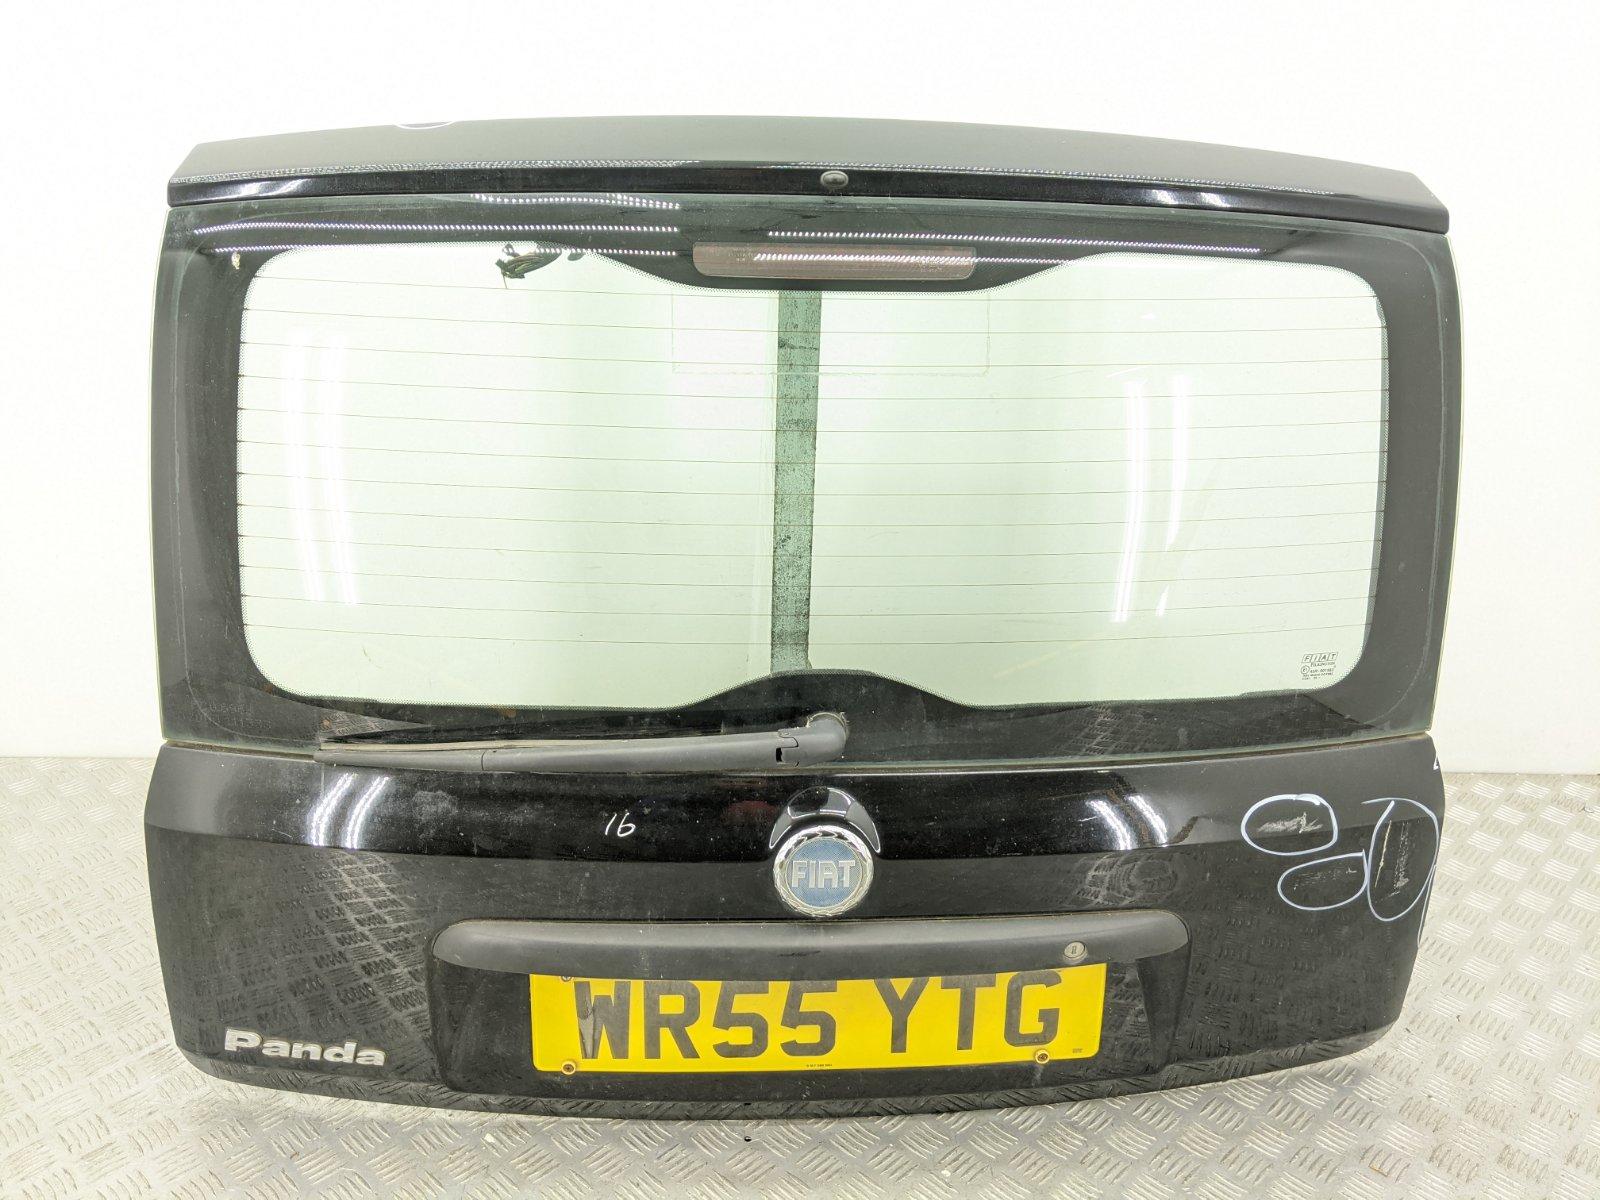 Крышка багажника Fiat Panda 1.2 I 2005 (б/у)